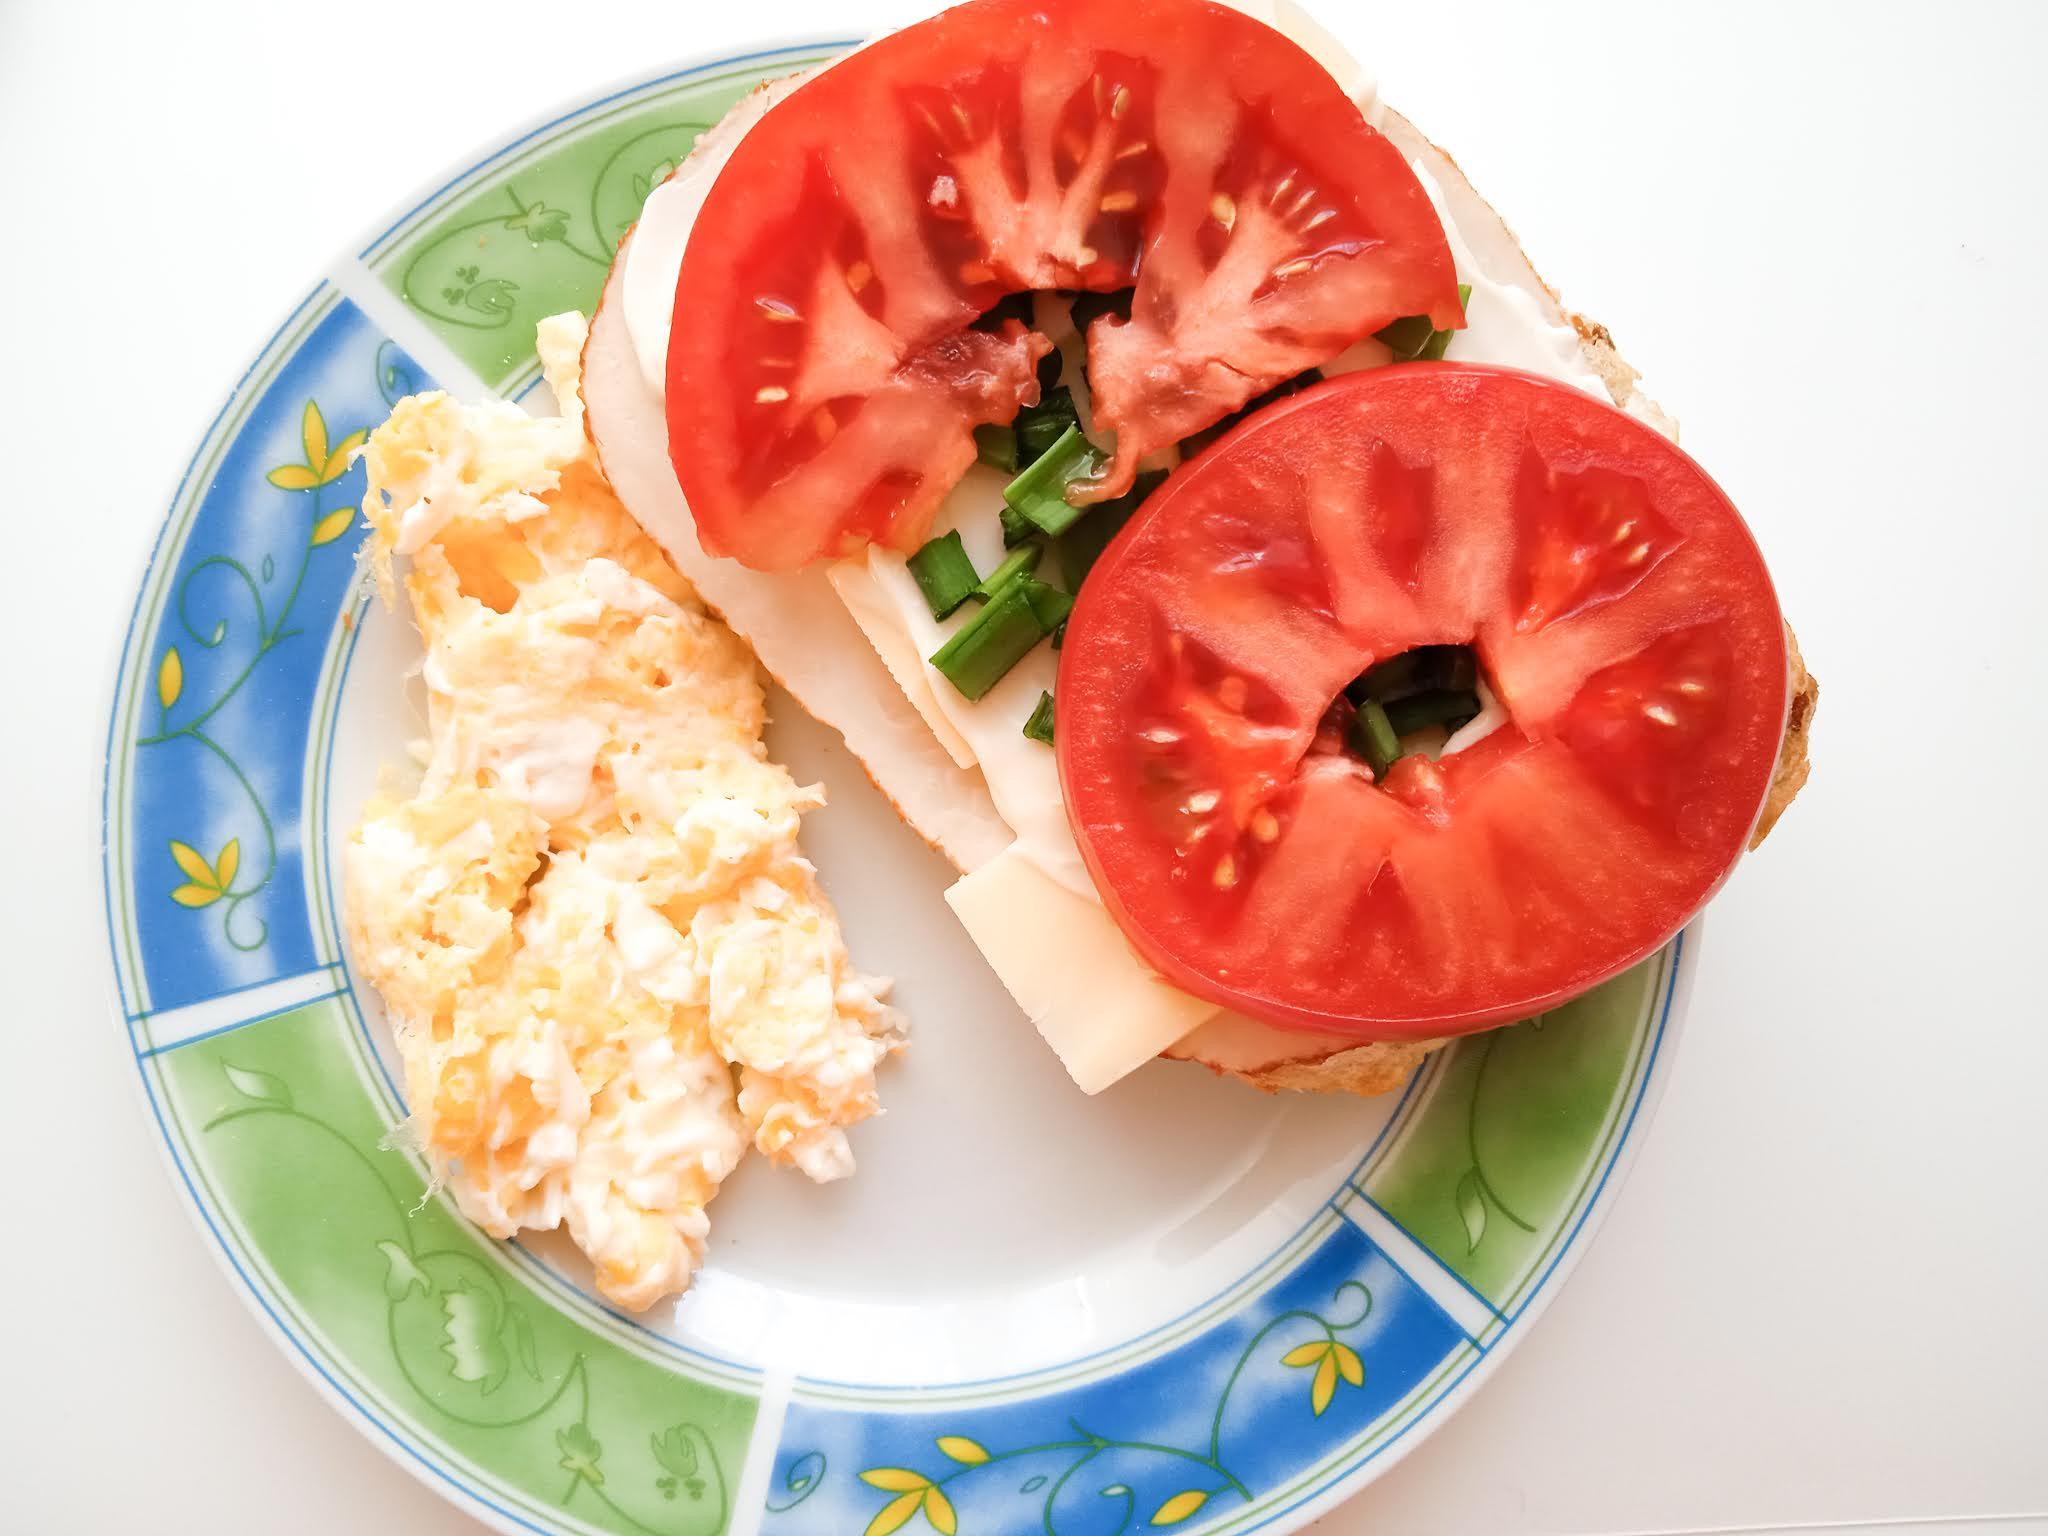 drugie śniadanie wiosenne